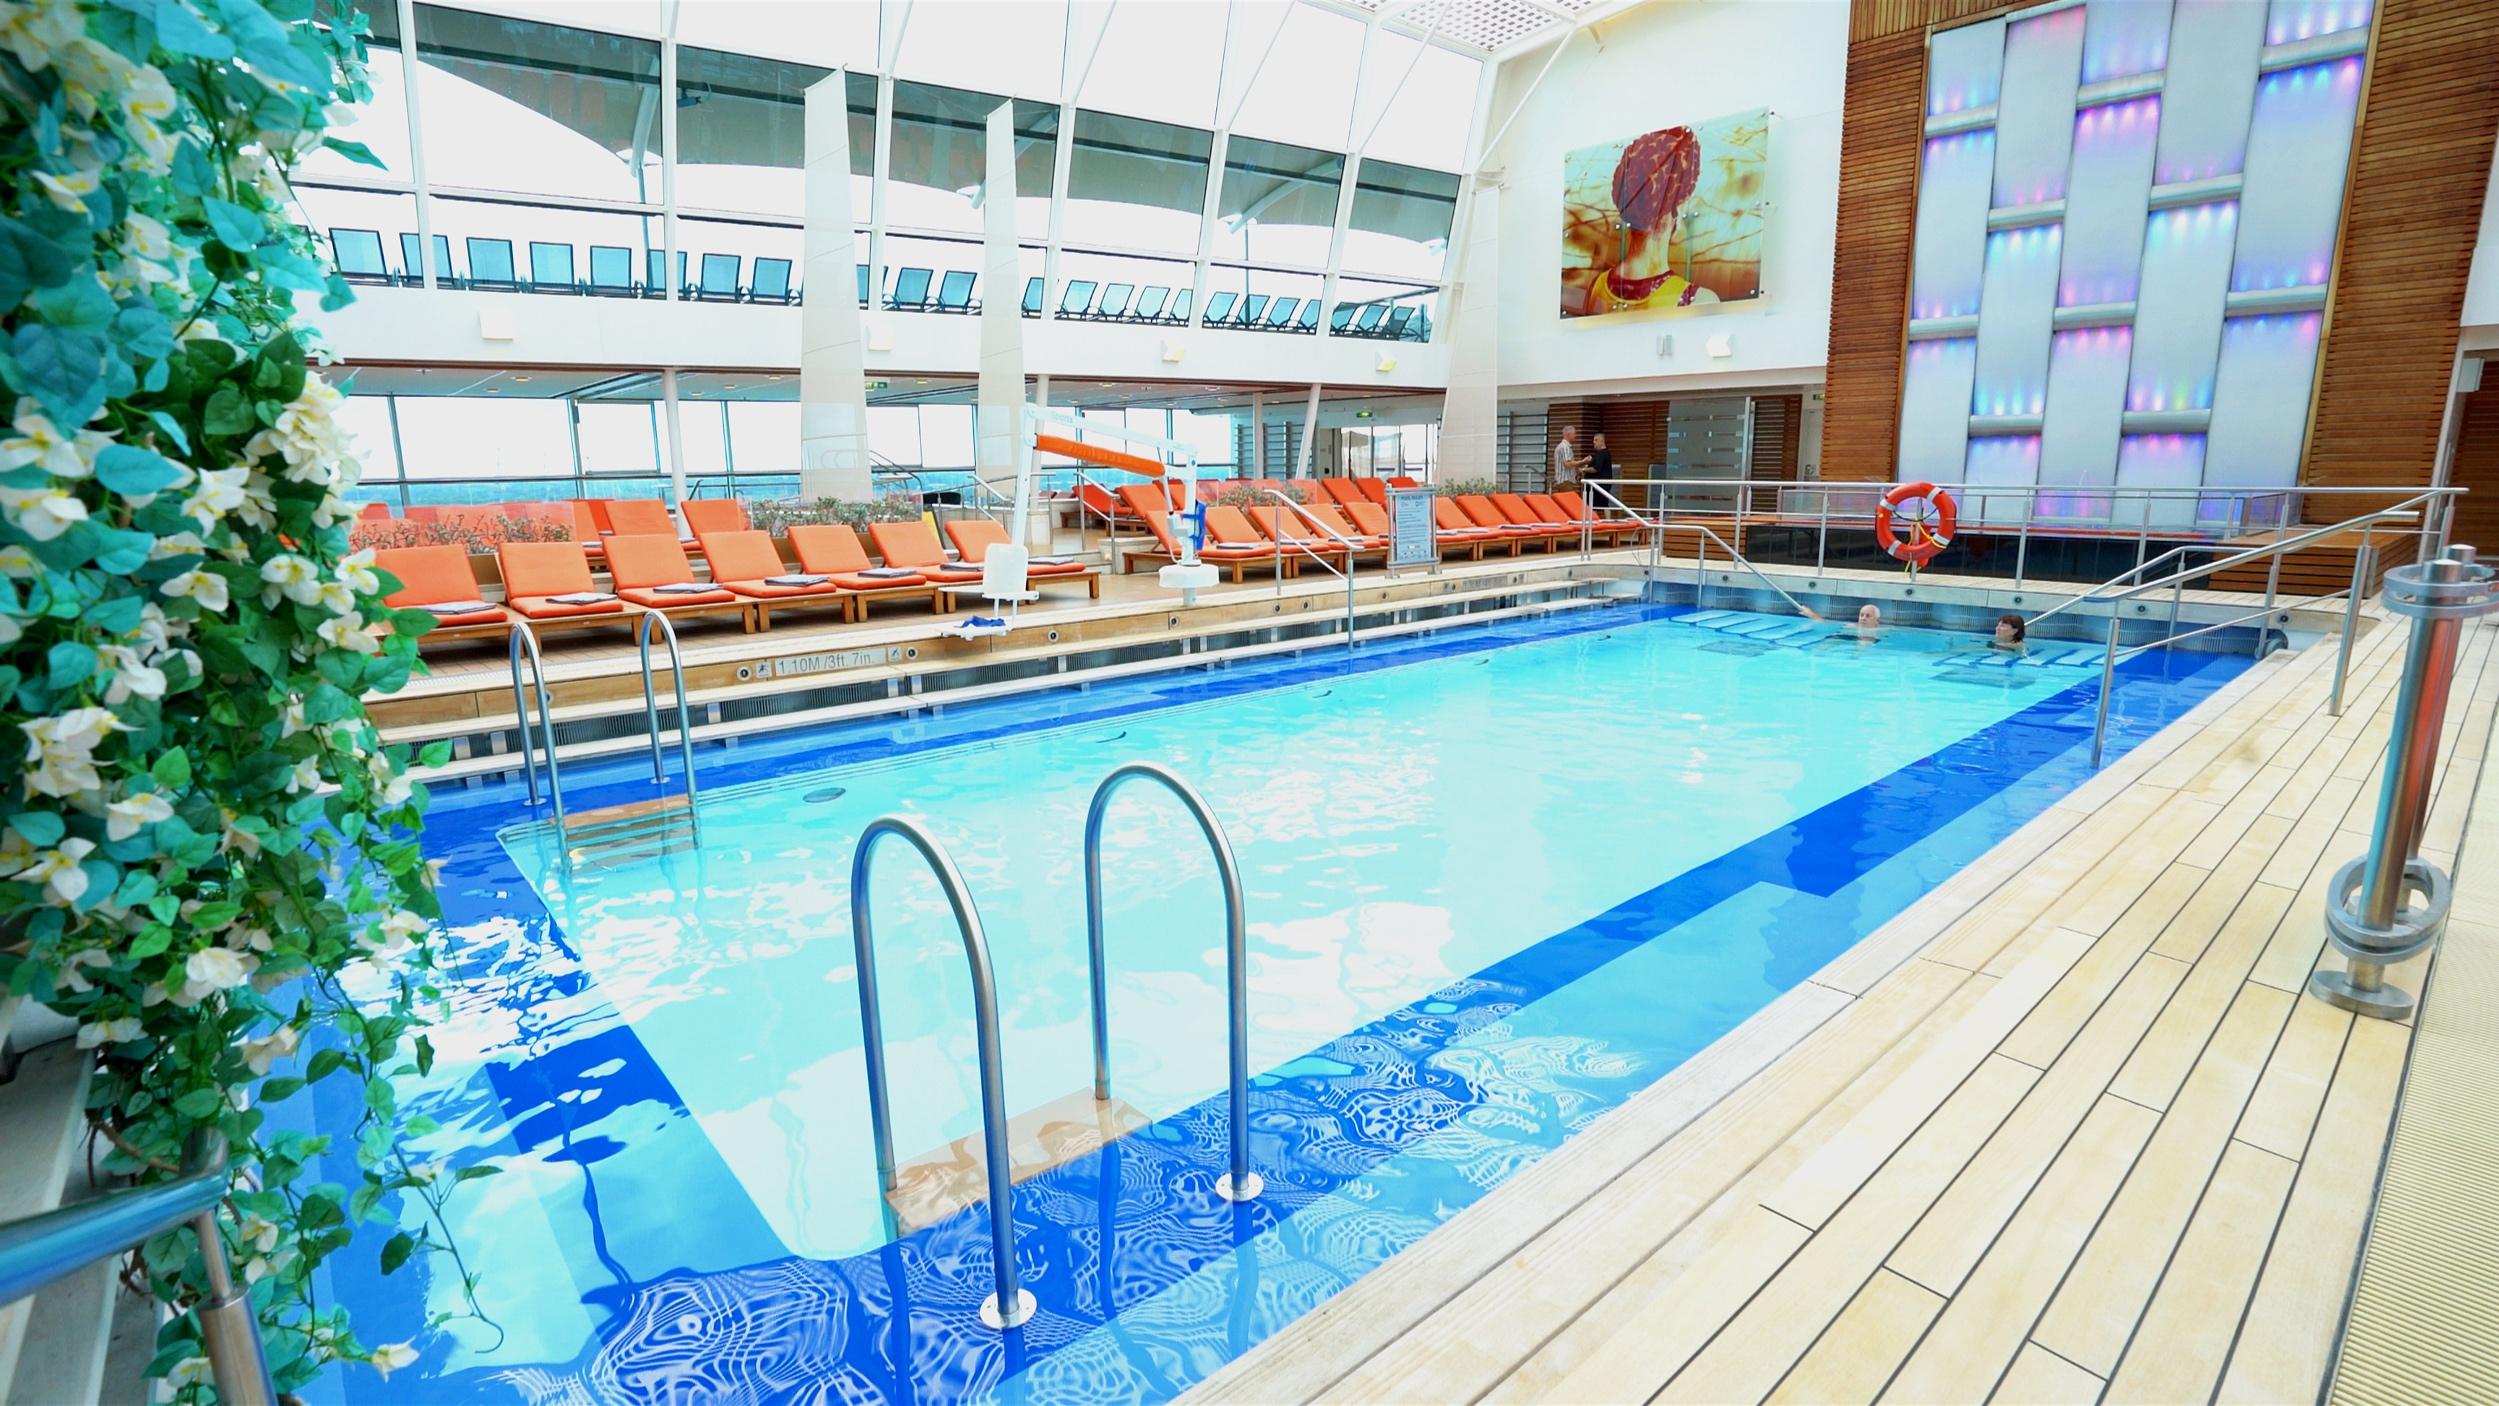 The Solarium indoor pool